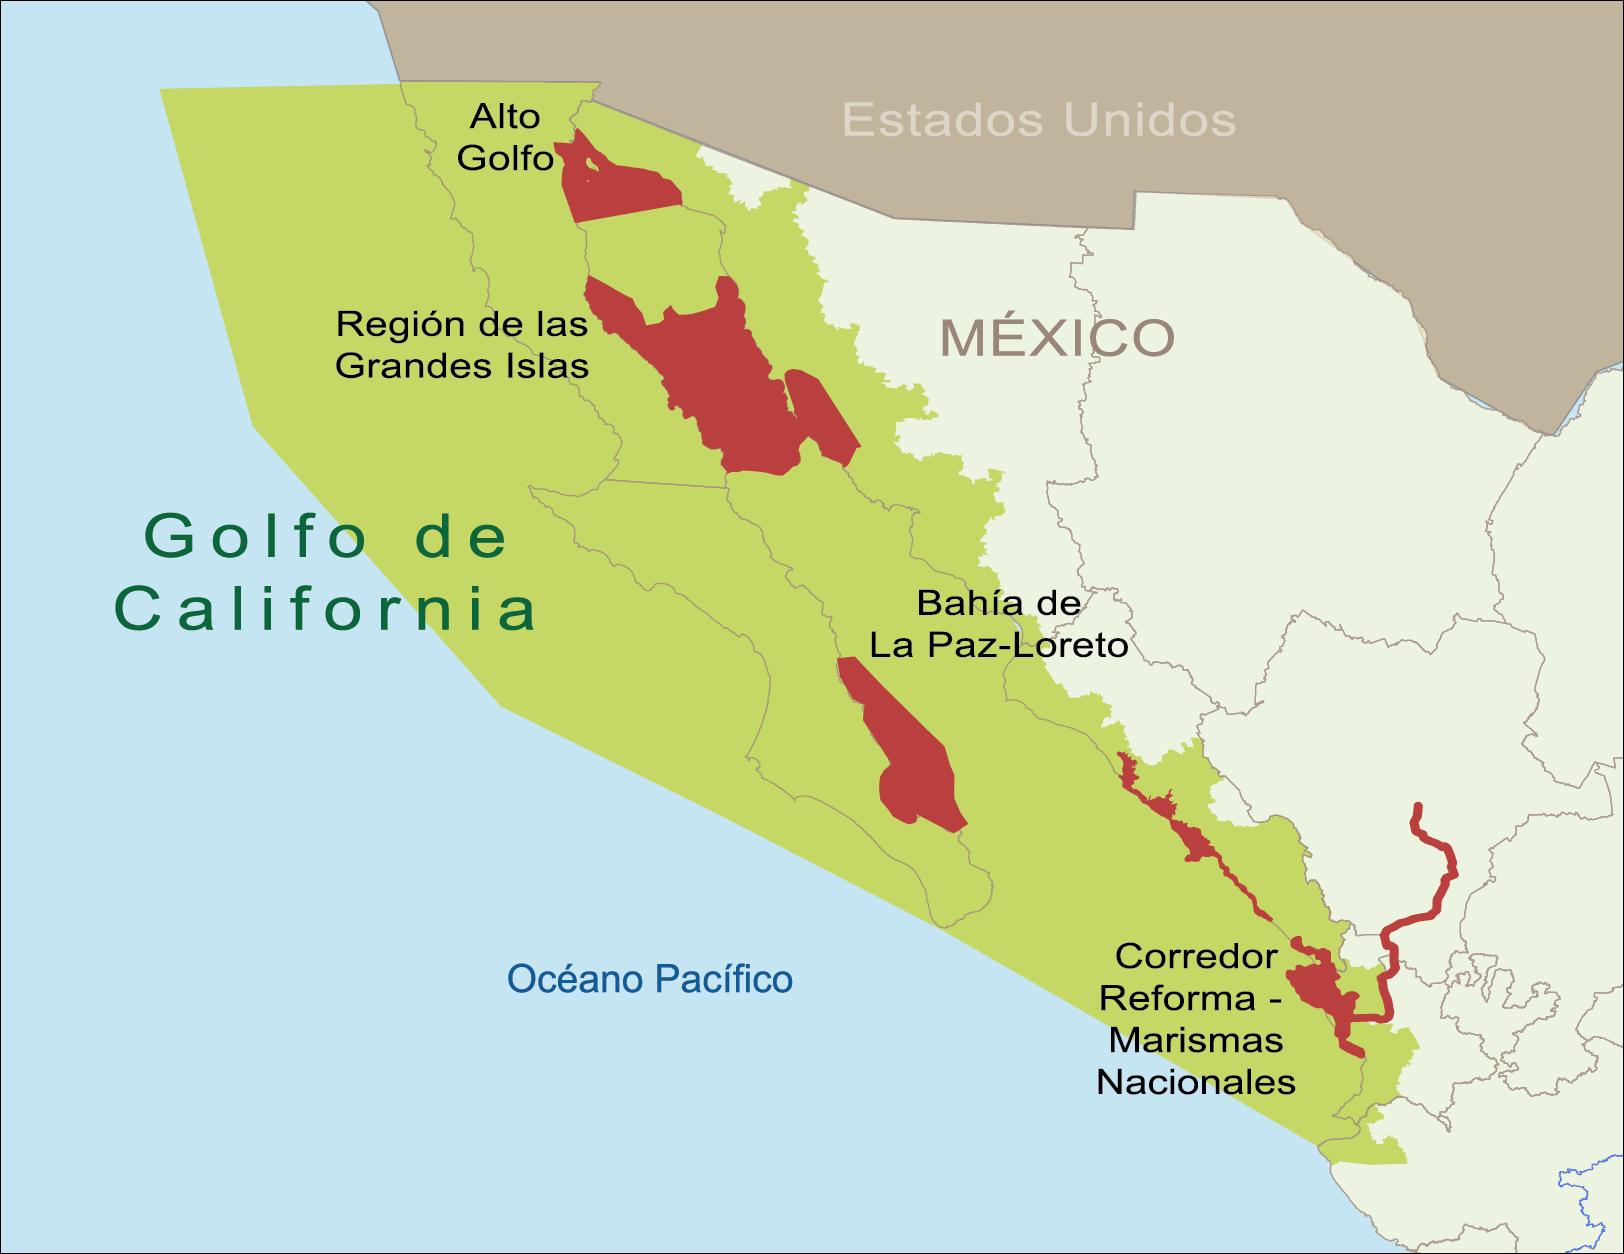 Mapa Do Golfo Da Califórnia Oceanos E Mares Pinterest - Mapa de california